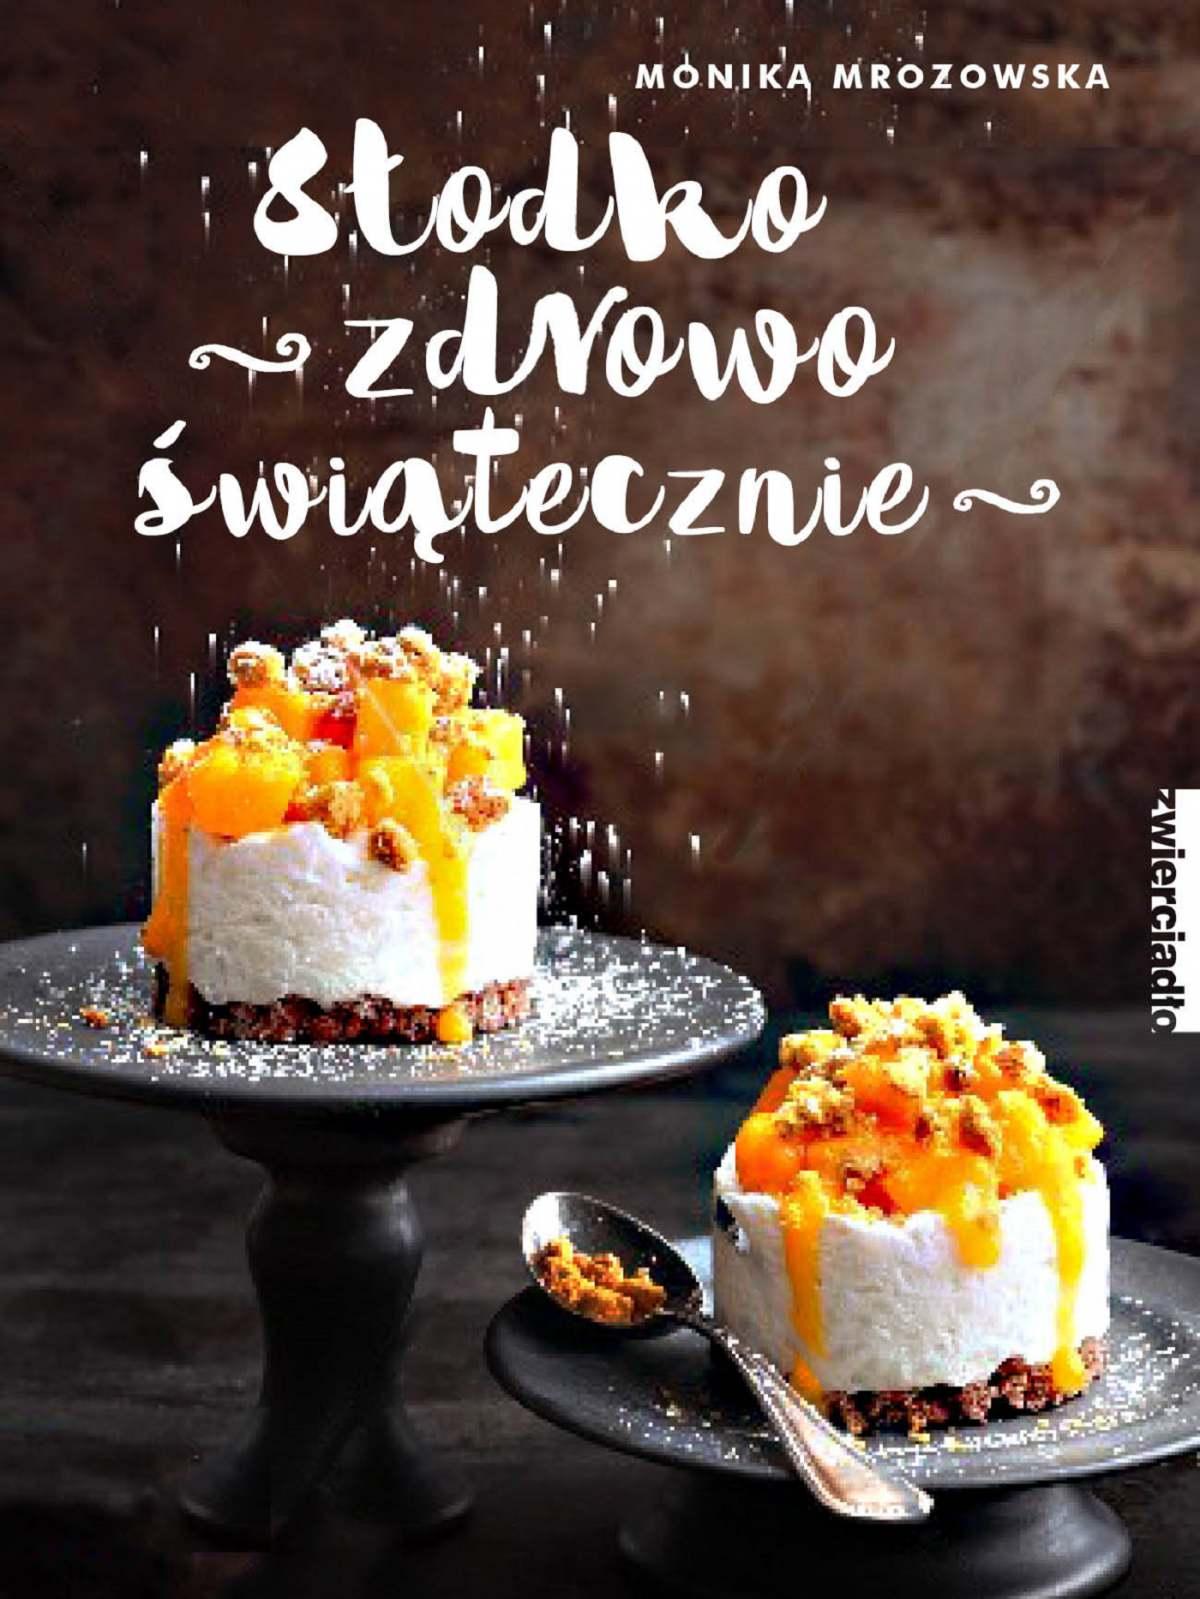 Słodko, zdrowo, świątecznie - Ebook (Książka EPUB) do pobrania w formacie EPUB